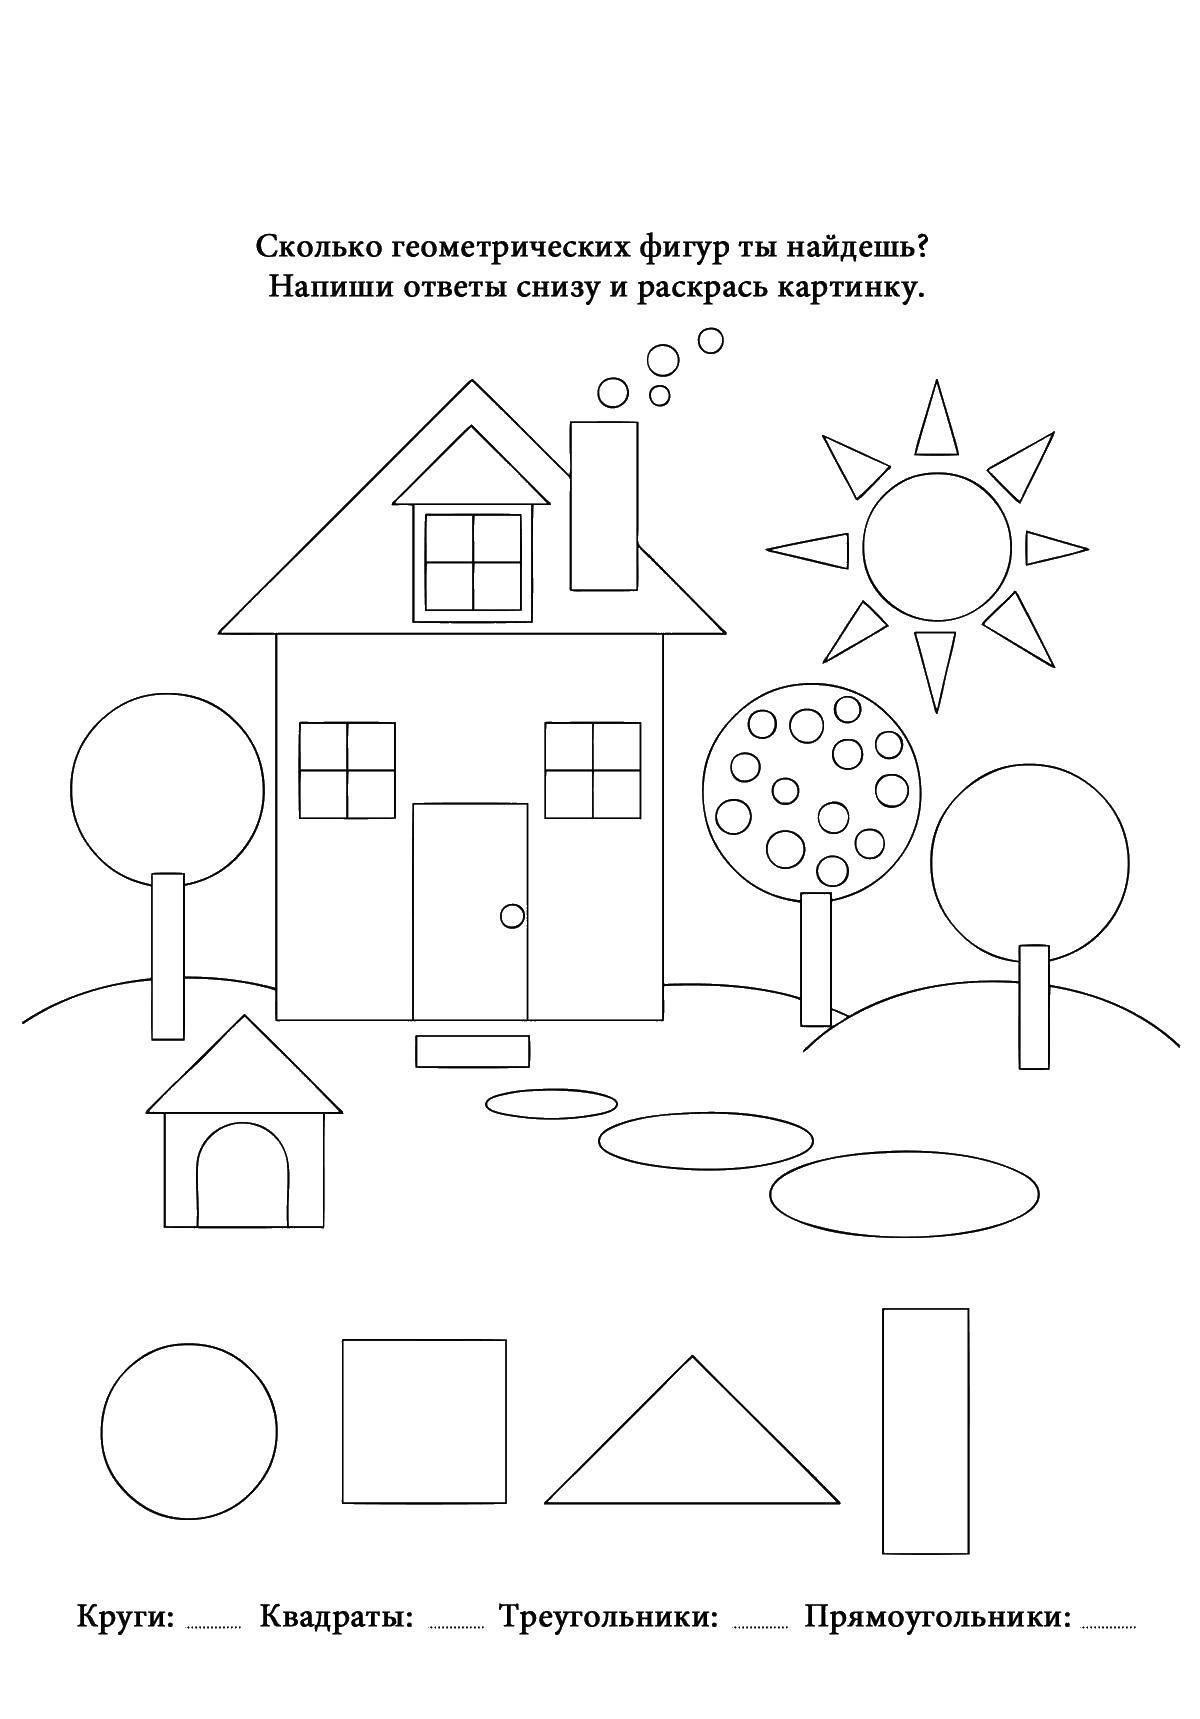 Название: Раскраска Домик из фигур. Категория: раскраски из фигур. Теги: фигуры, дом.